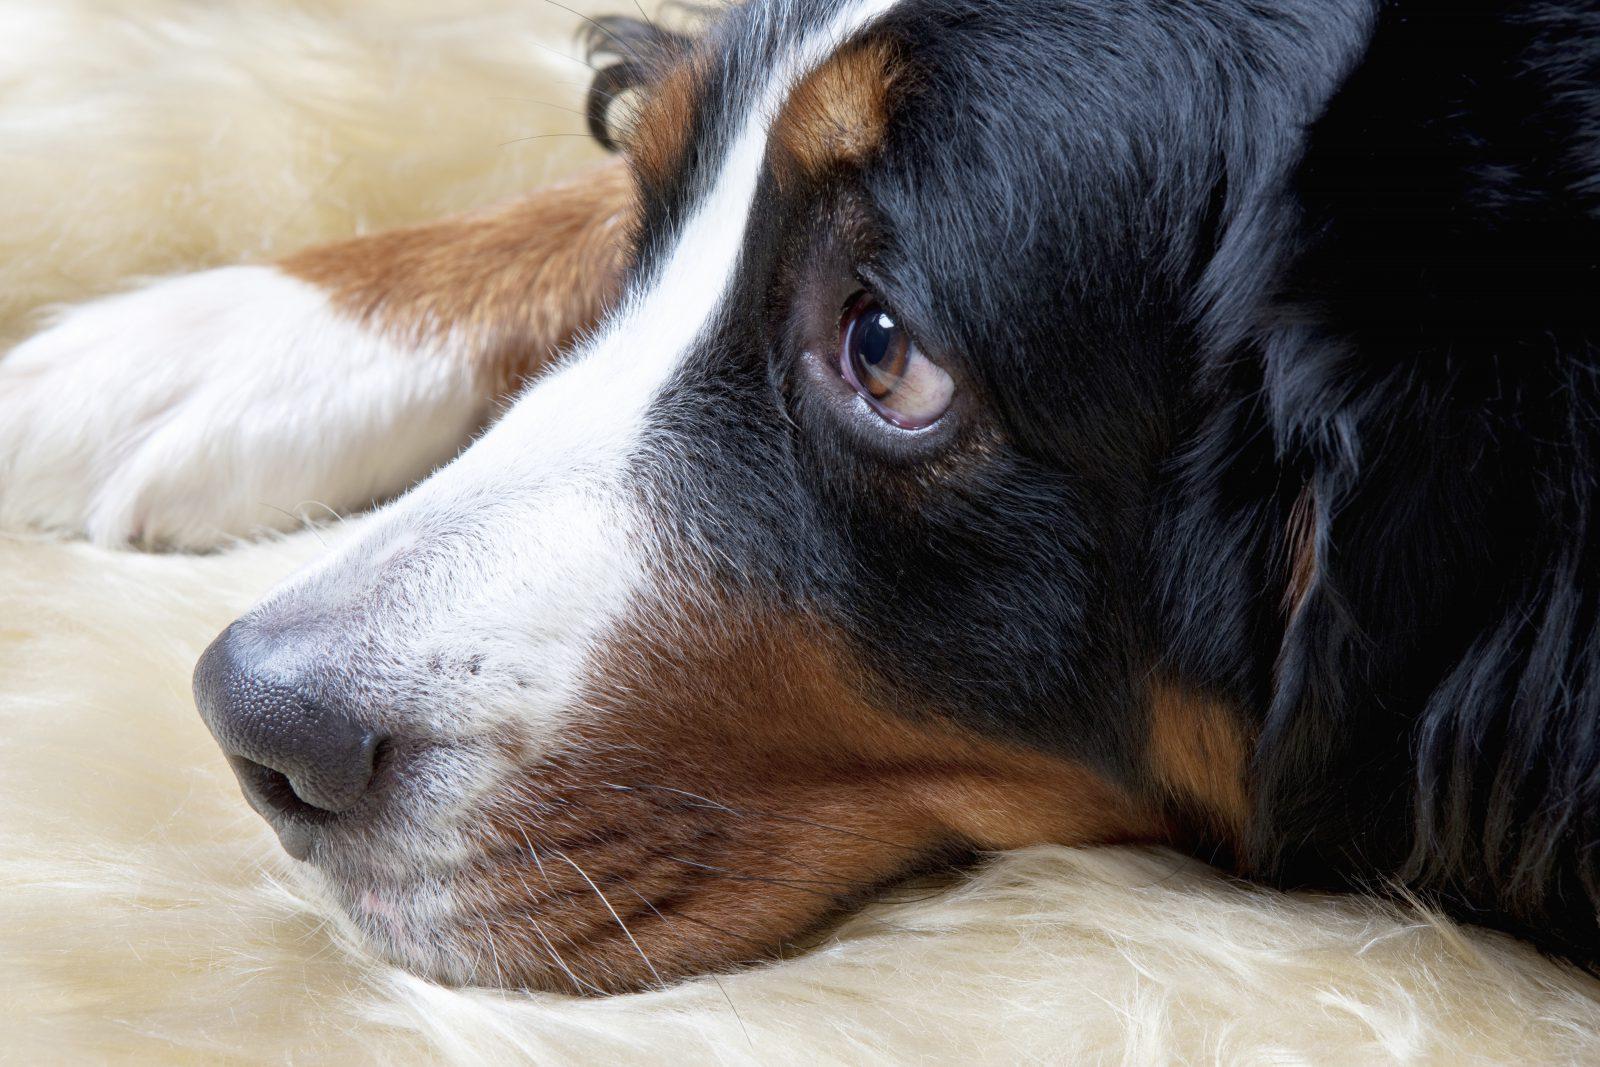 Cachorro morto: Beagle doente deitado descansando.